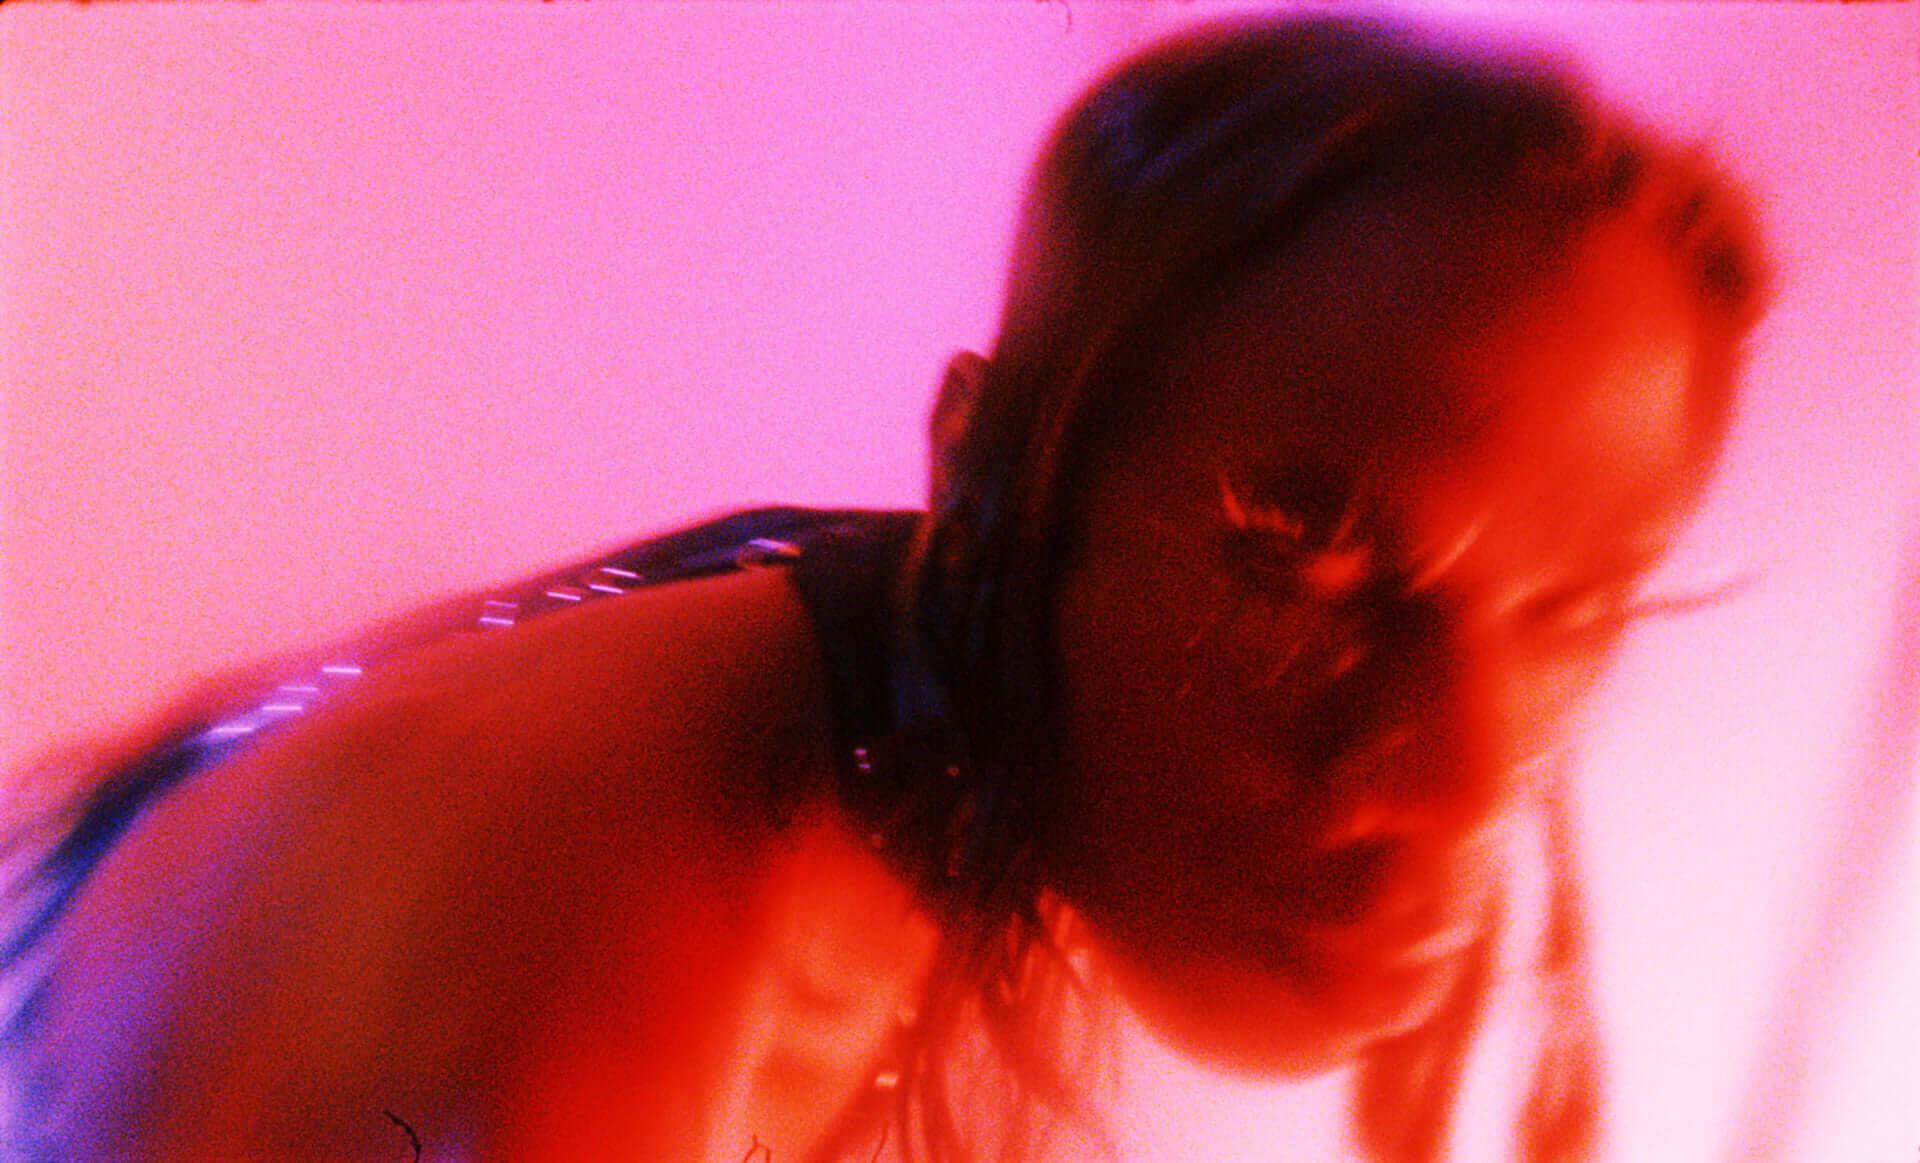 """Yves Tumor最新作『Heaven To A Tortured Mind』より""""Kerosene!""""のMVが解禁!修正版&過激なオリジナル版が同時公開 music201120_yvestumor_2-1920x1163"""